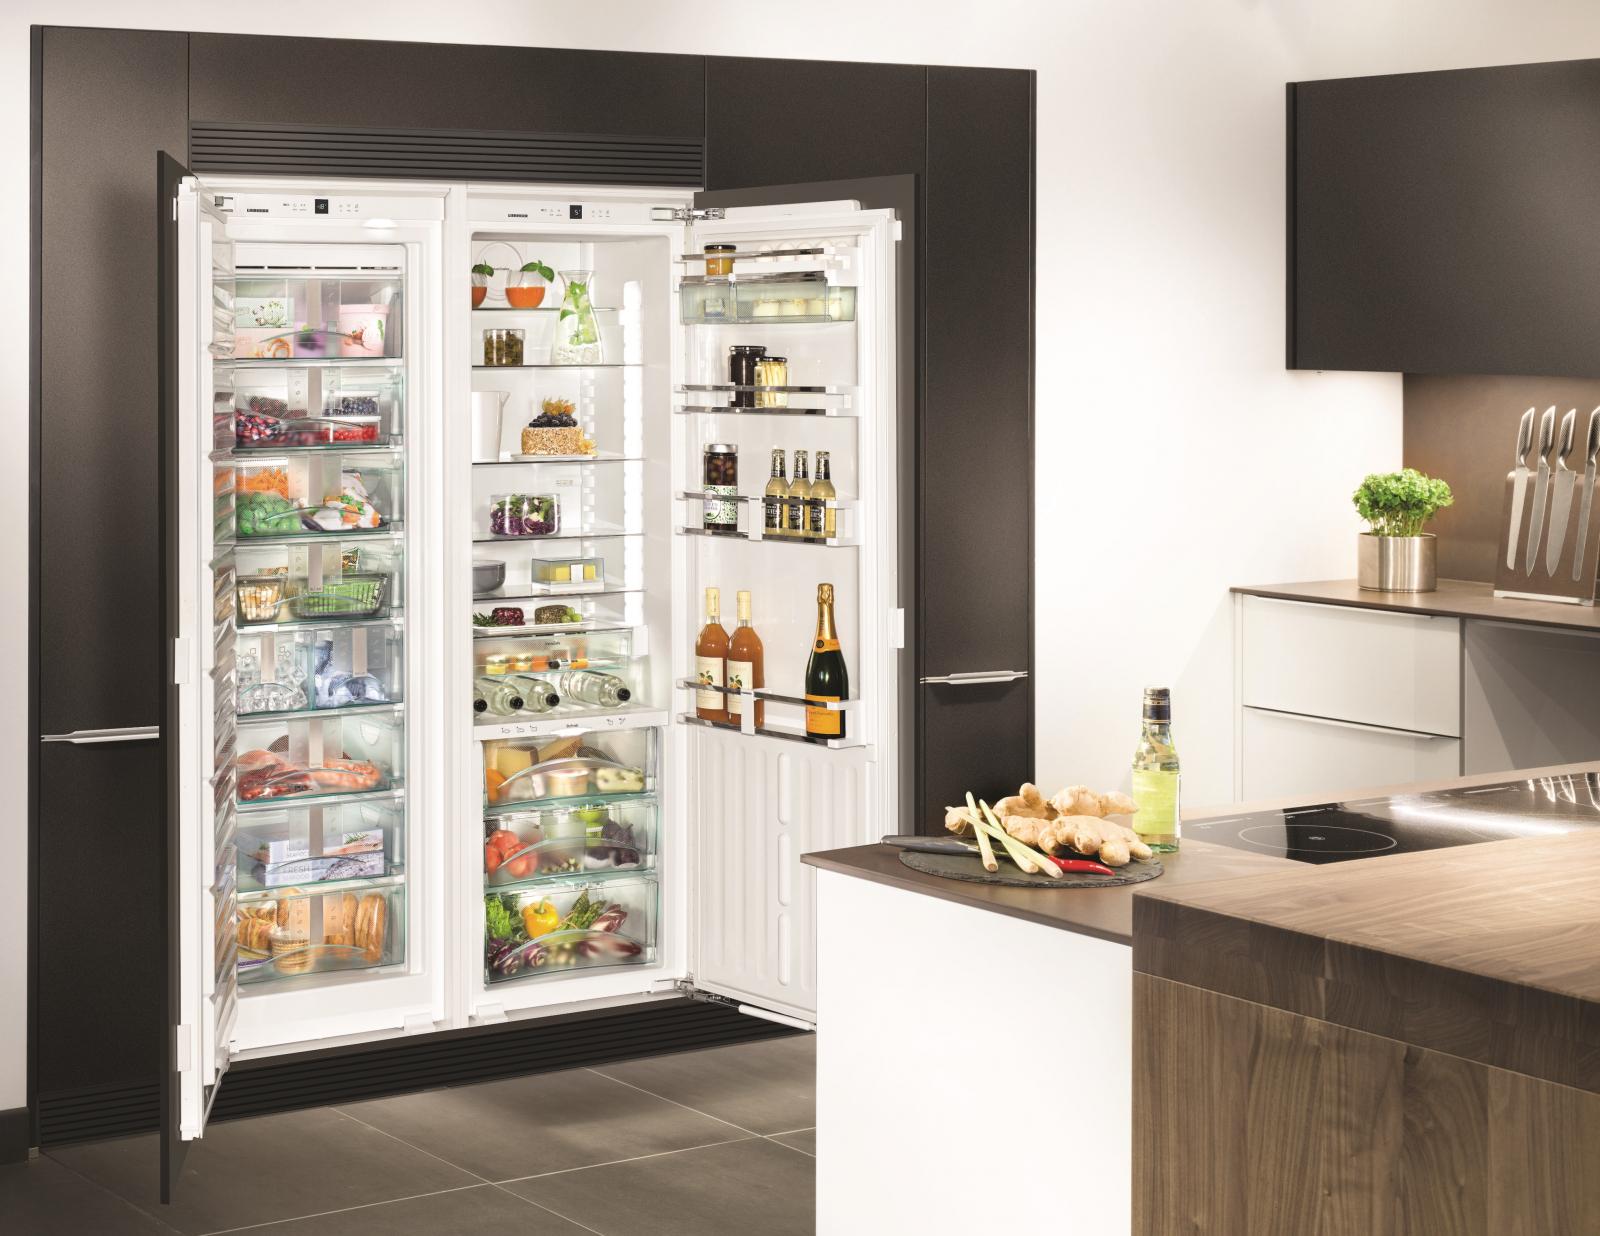 купить Встраиваемый холодильник Side-by-Side Liebherr SBS 70I4 22 003 Украина фото 3